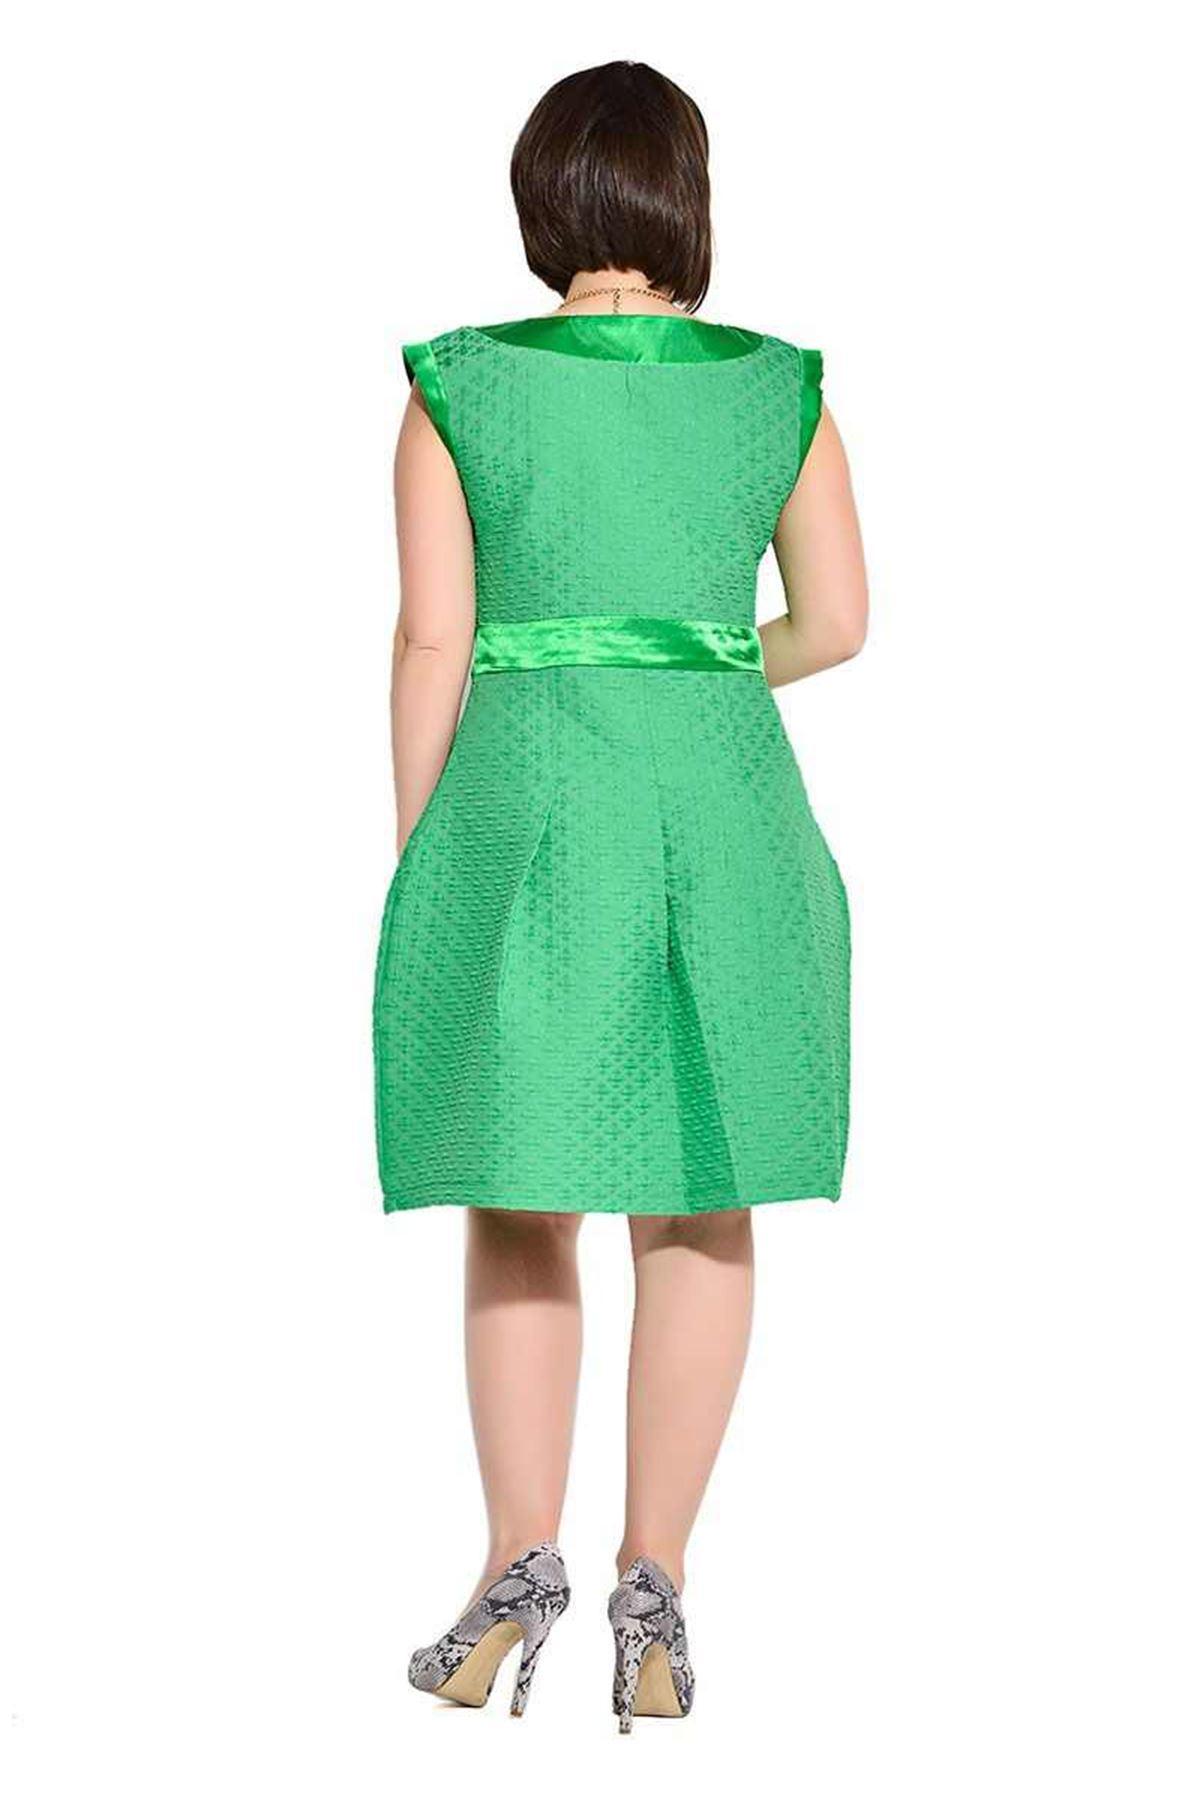 Büyük Beden Yeşil Saten Detaylı Kadın Elbise I4-112109